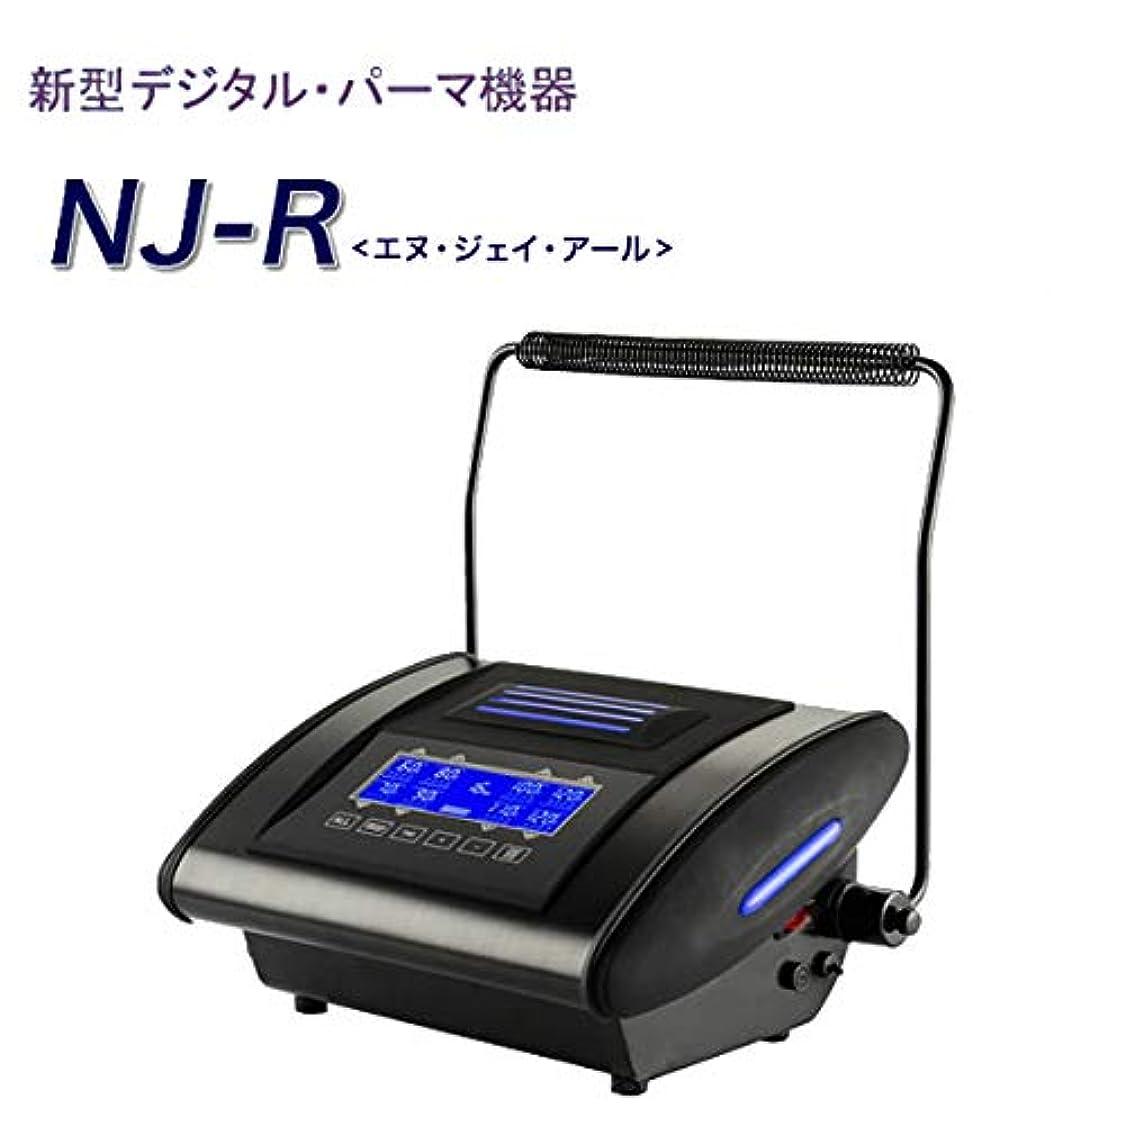 欠点体細胞製作デジタルパーマ機 美容室 サロン NJ-R ロッド32本セット デジパ ホットパーマ